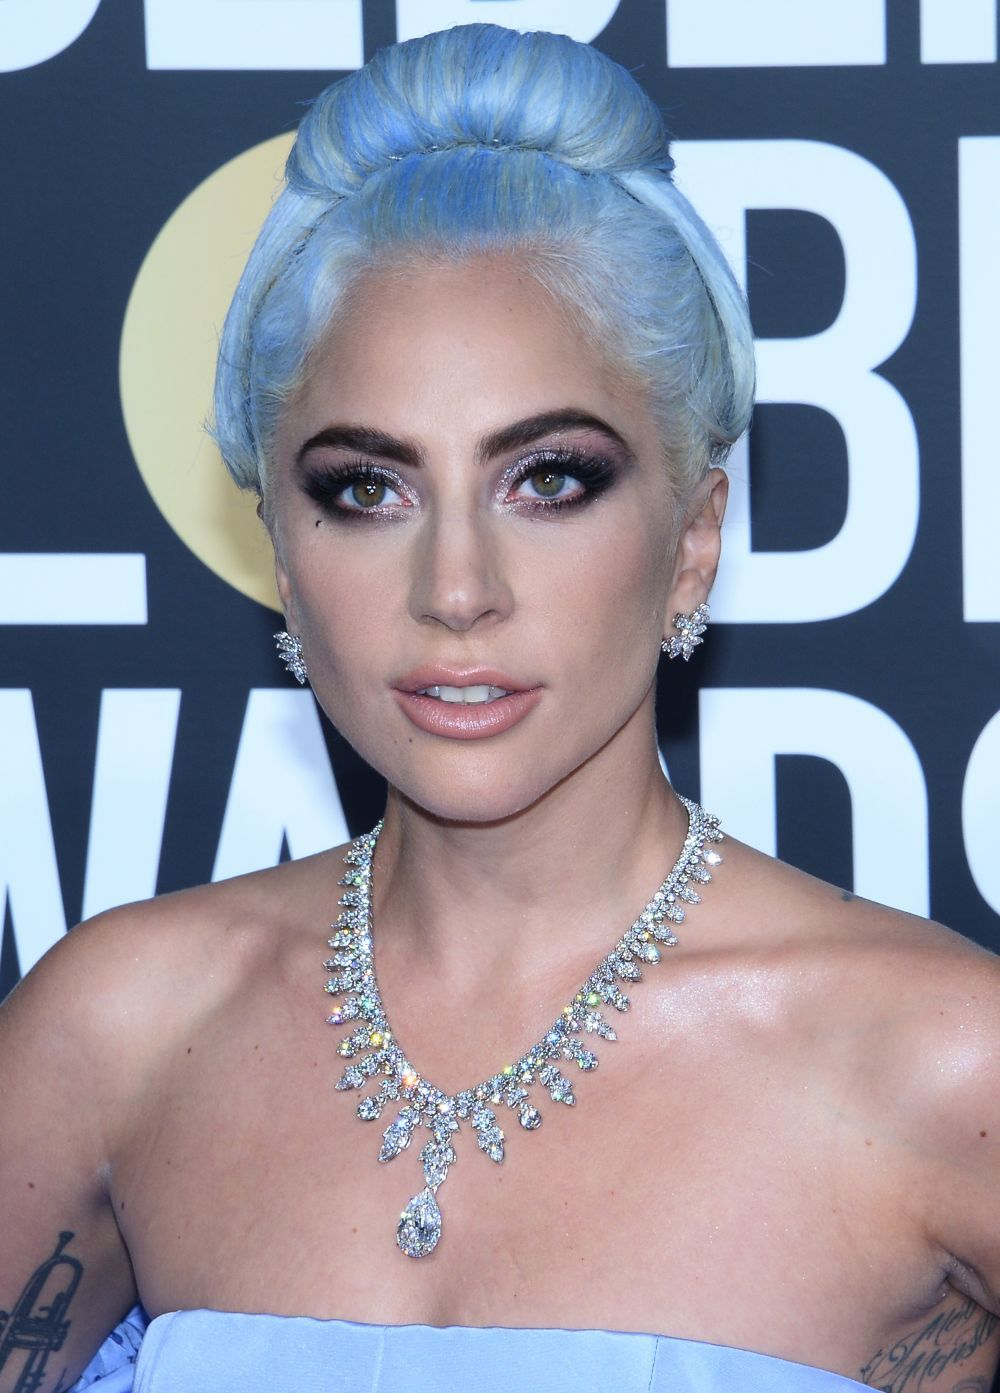 El moño retro futurista azul de Lady Gaga puso la nota más original...